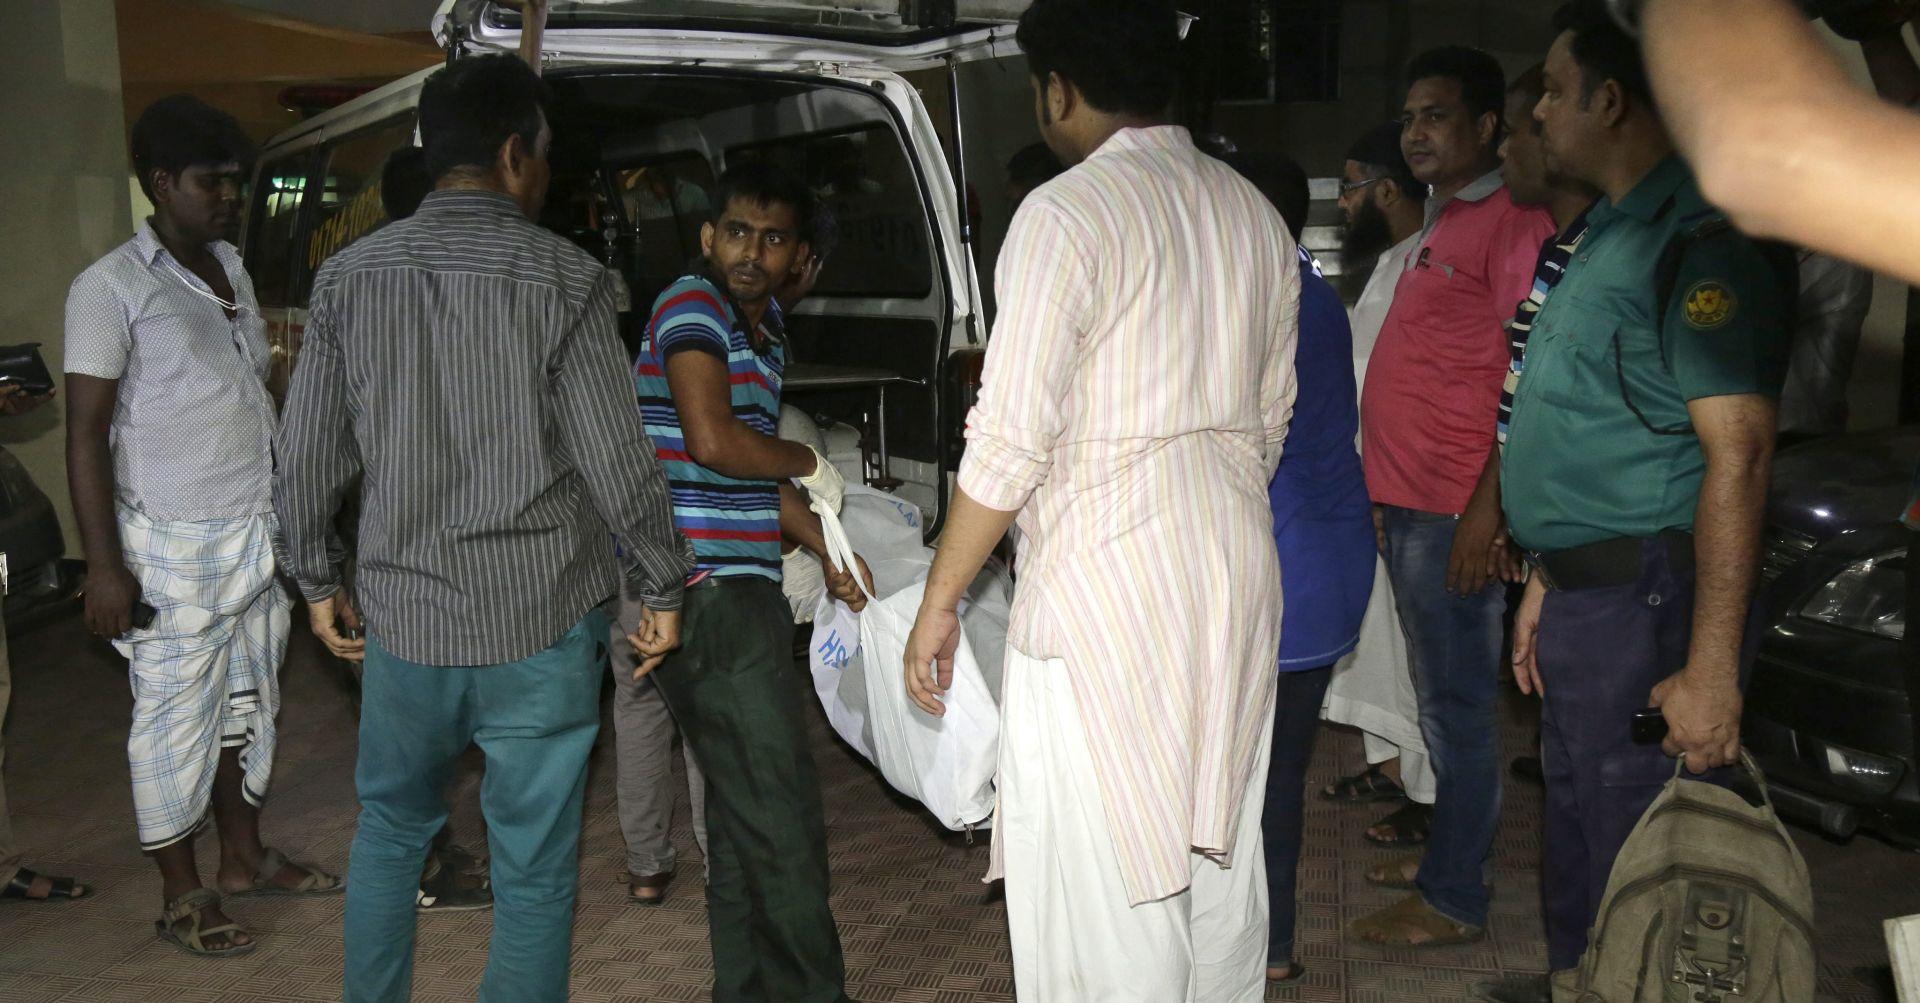 Islamisti u Bangladešu ubili aktivista LGBTI zajednice